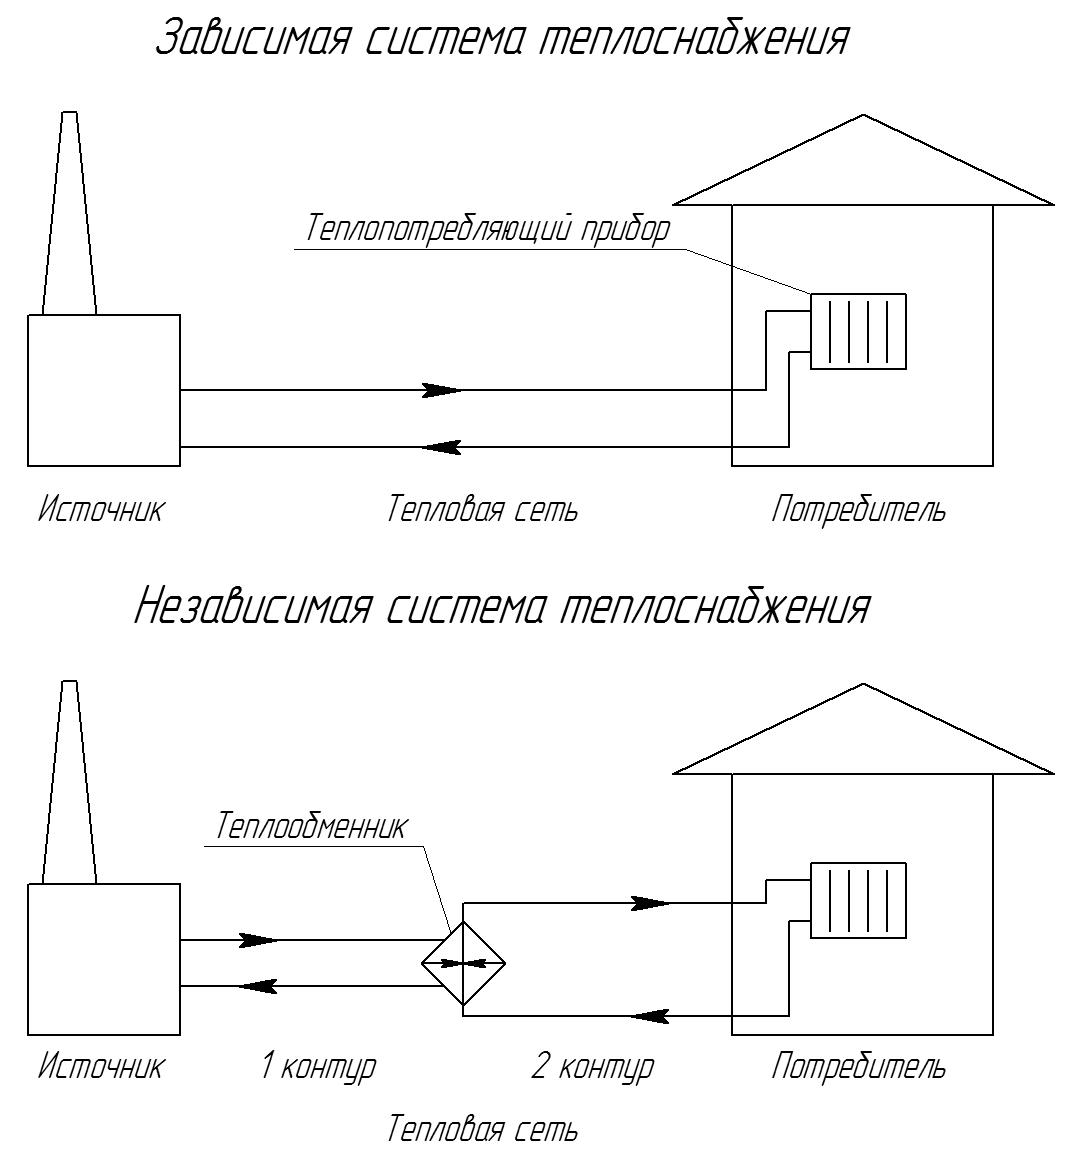 download Spektroskopie